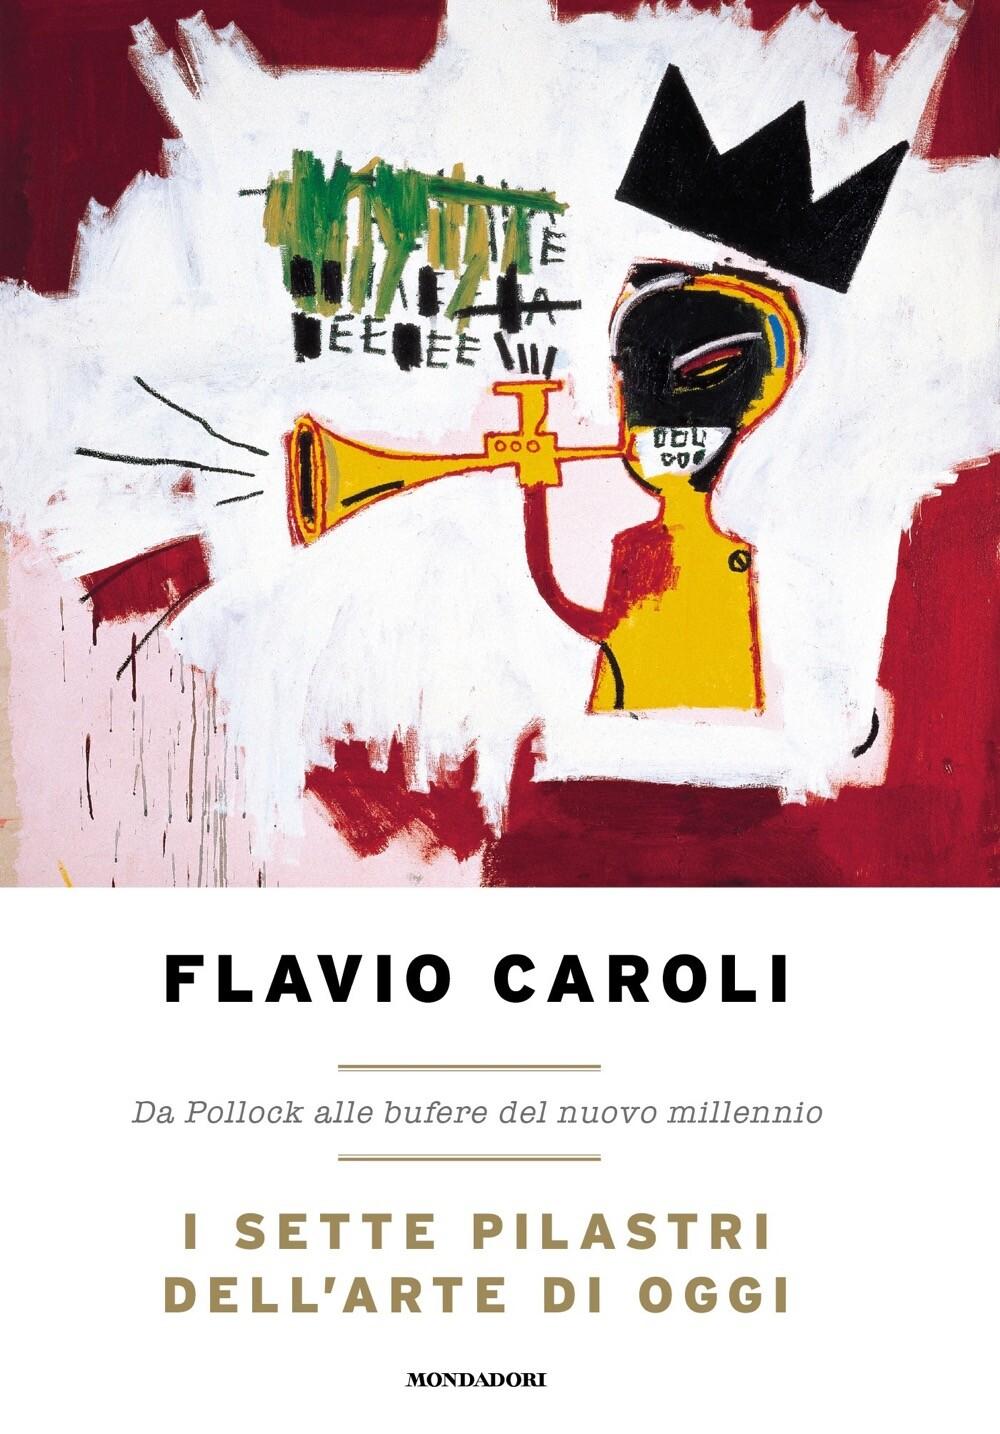 """FLAVIO CAROLI  presenta il suo nuovo libro  """"I SETTE PILASTRI DELL'ARTE DI OGGI.  DA POLLOCK ALLE BUFERE DEL NUOVO MILLENNIO"""""""